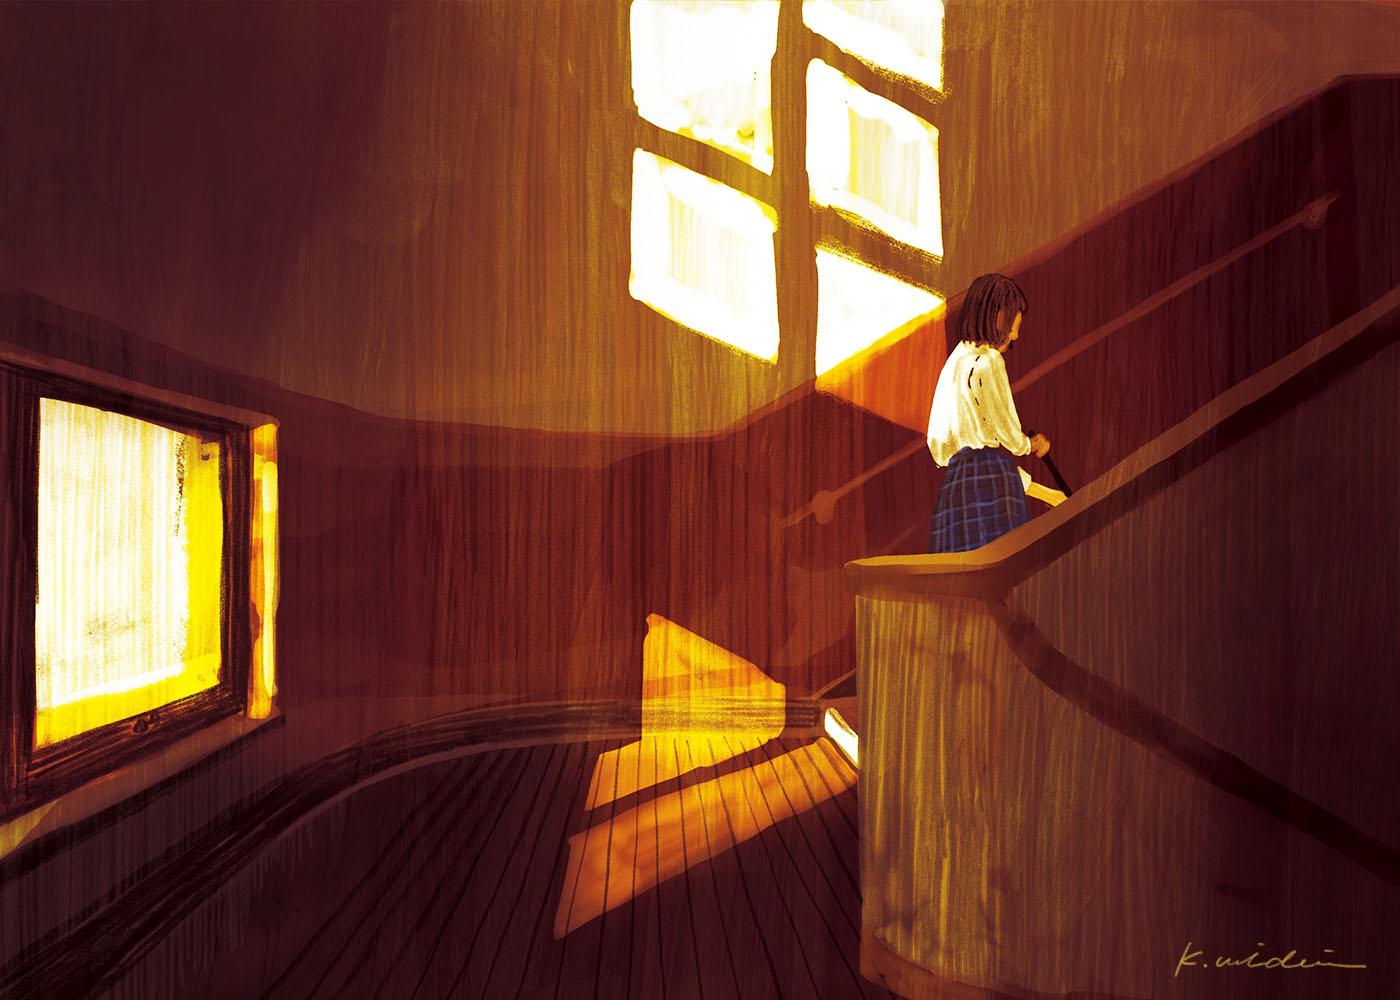 イラストレーション 風景 夕景 放課後 少女 学校 校舎 窓 装画